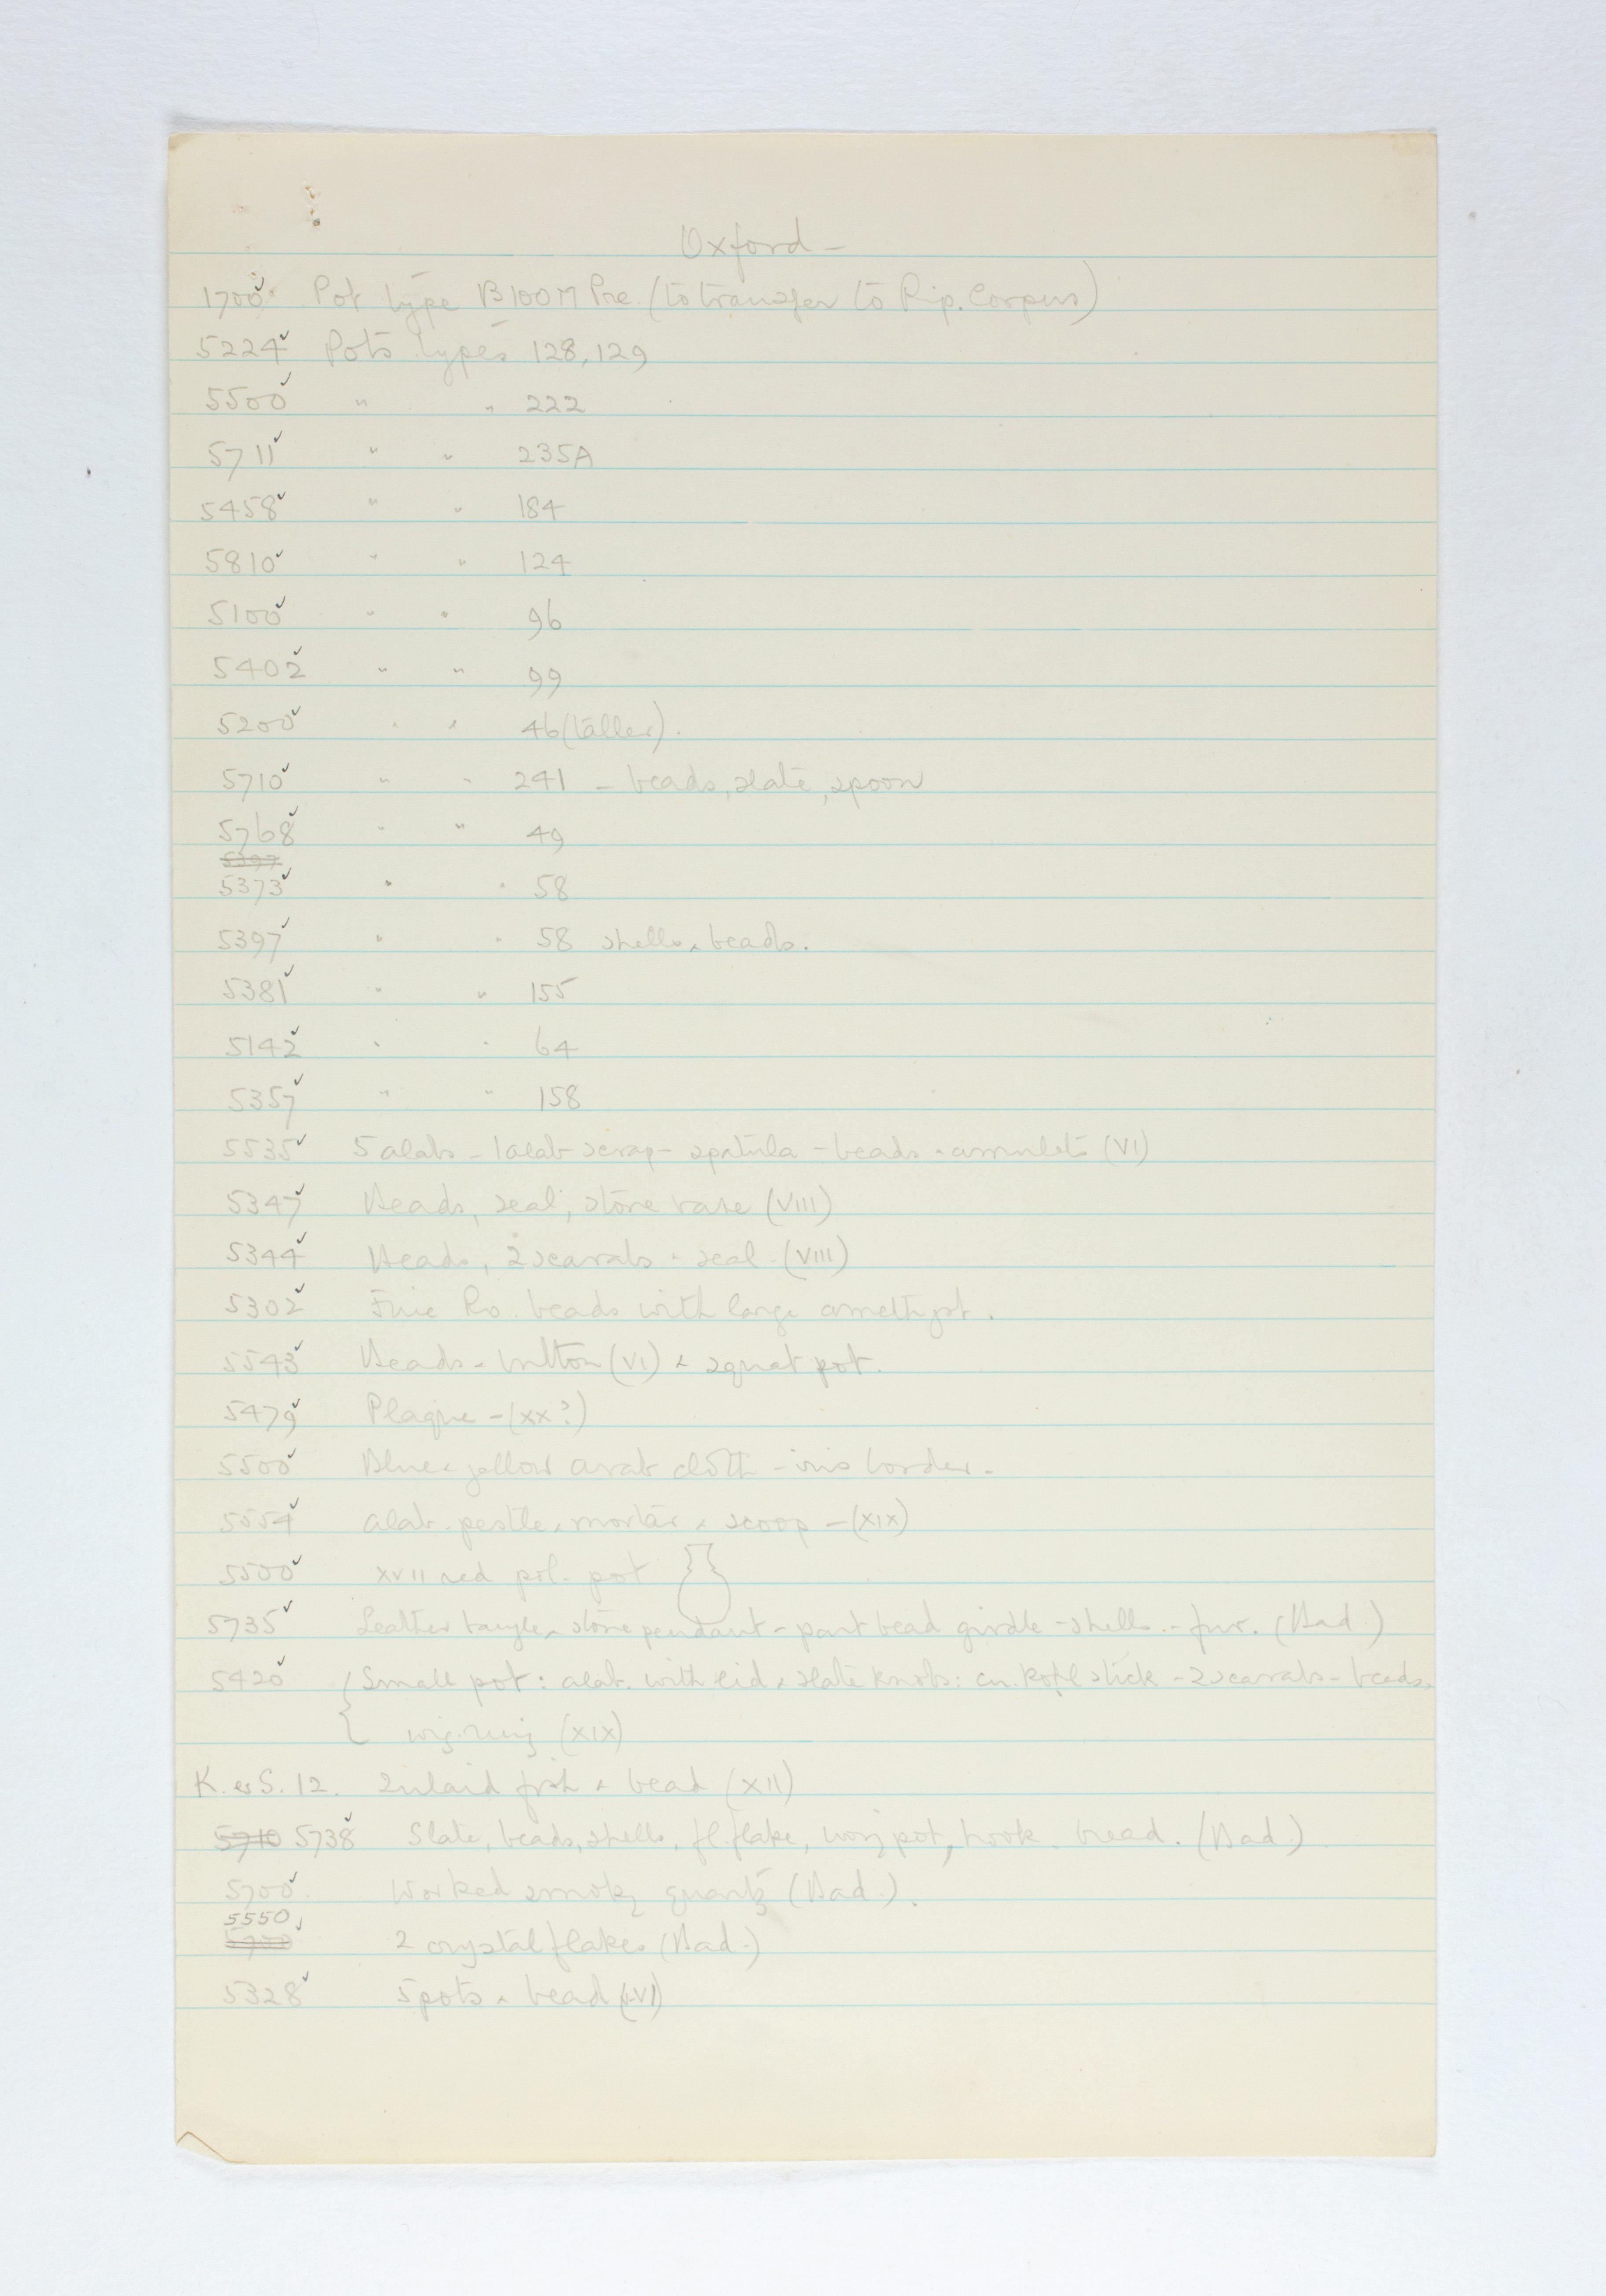 1924-25 Badari, Faiyum Individual institution list PMA/WFP1/D/28/17.1